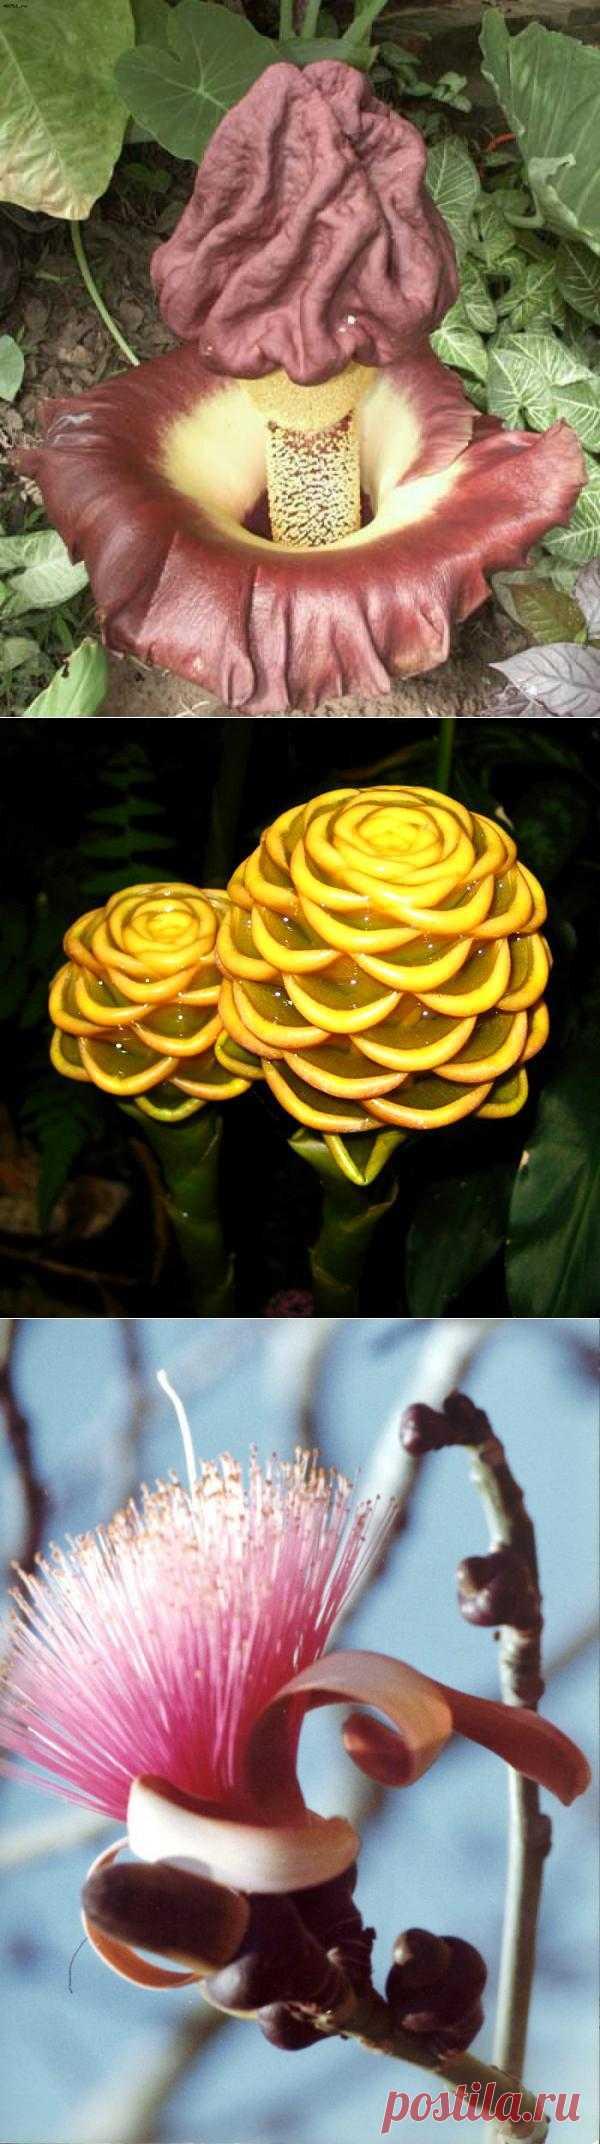 Самые необычные цветы » Мир в картинках